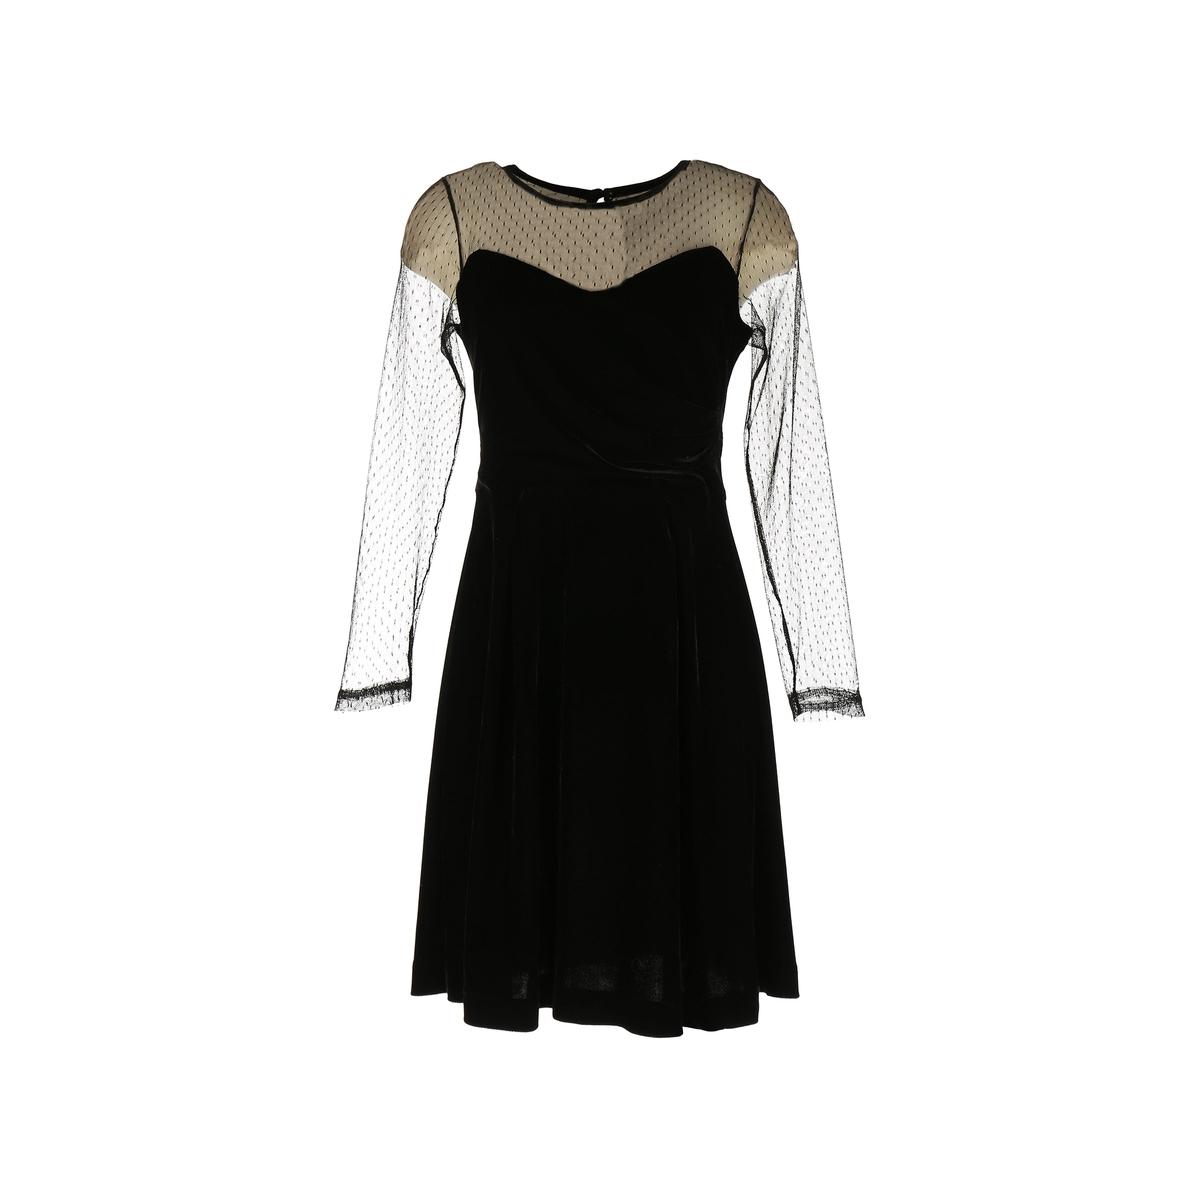 Платье короткое с длинными рукавами и кружевными вставками, расшитыми гладьюДетали •  Форма : расклешенная •  Короткое  •  Длинные рукава     •  Круглый вырезСостав и уход •  4% эластана, 96% полиэстера  •  Следуйте советам по уходу, указанным на этикетке<br><br>Цвет: черный<br>Размер: S.L